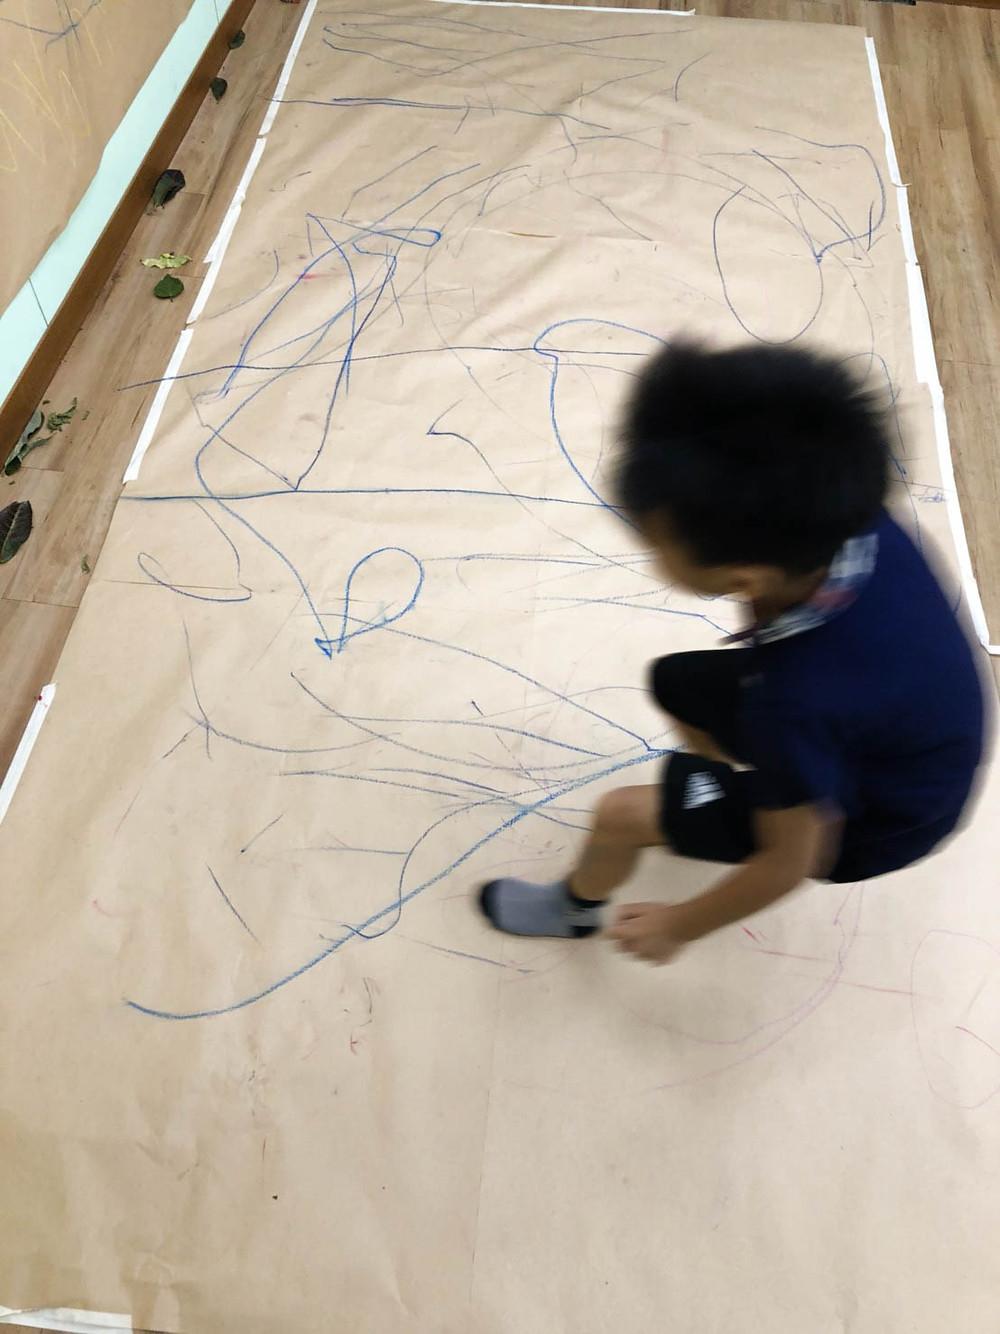 走探索去藝術實驗室課程紀錄相片